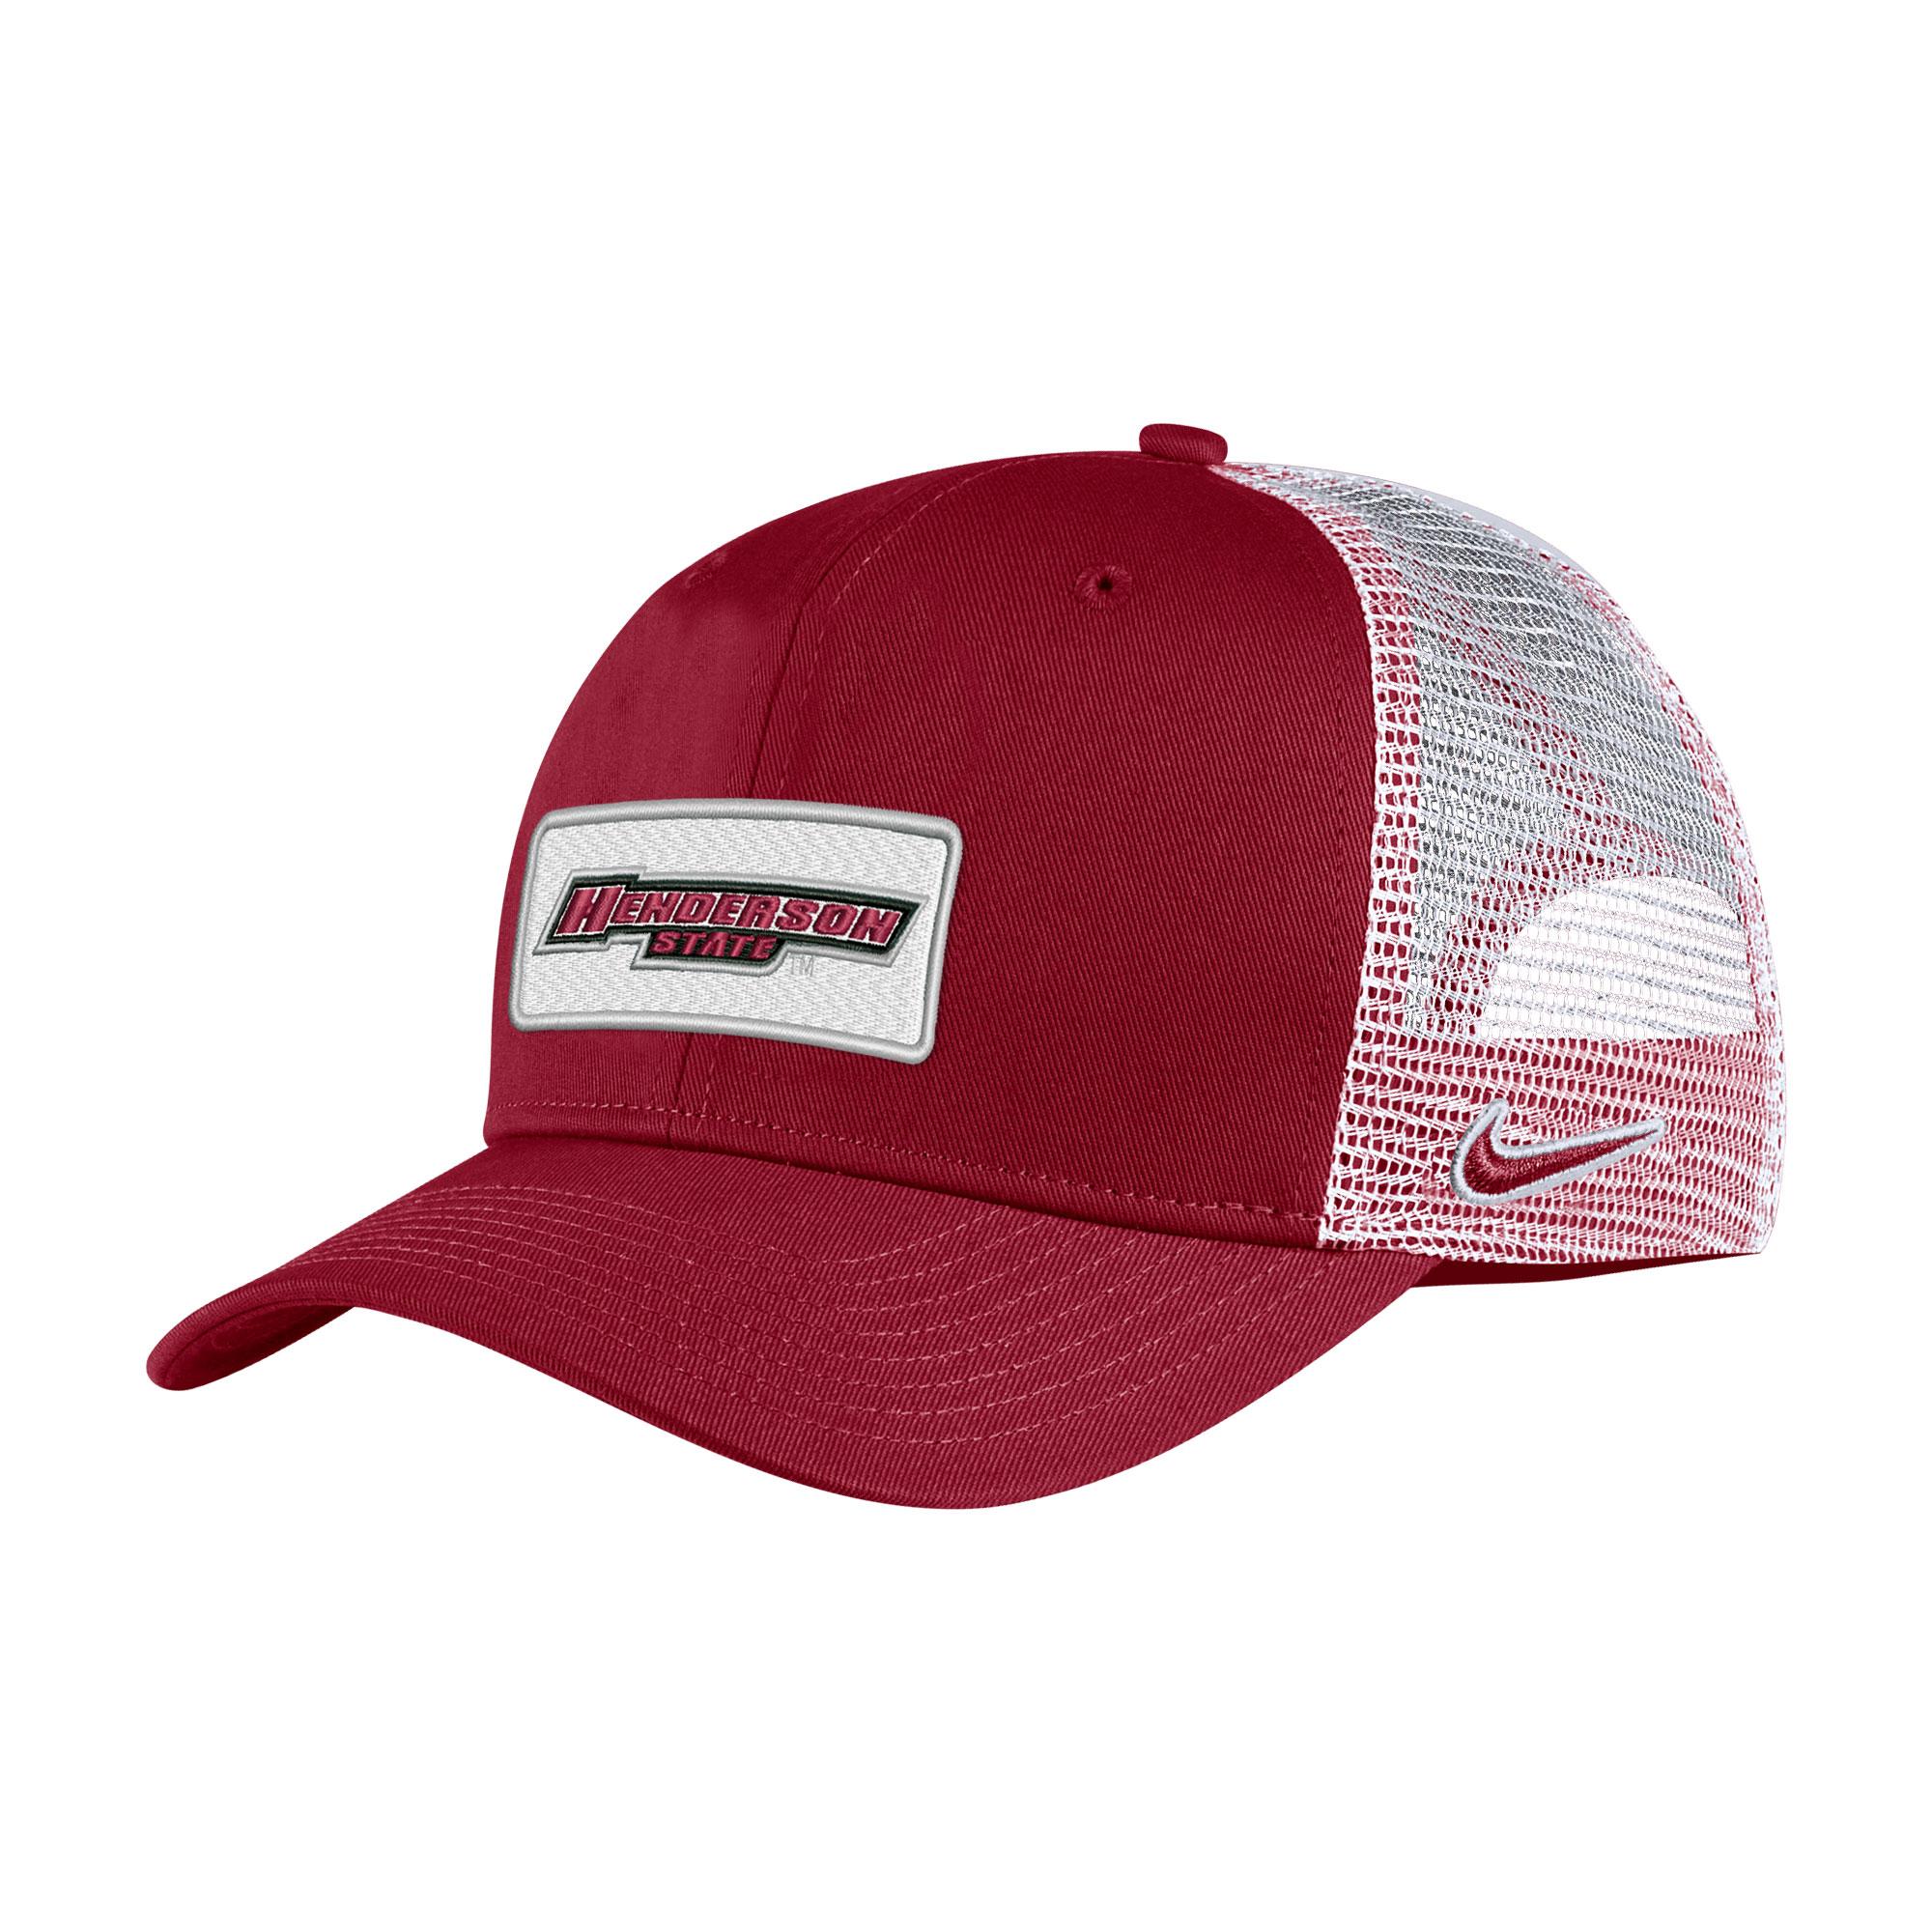 Henderson State Trucker Hat